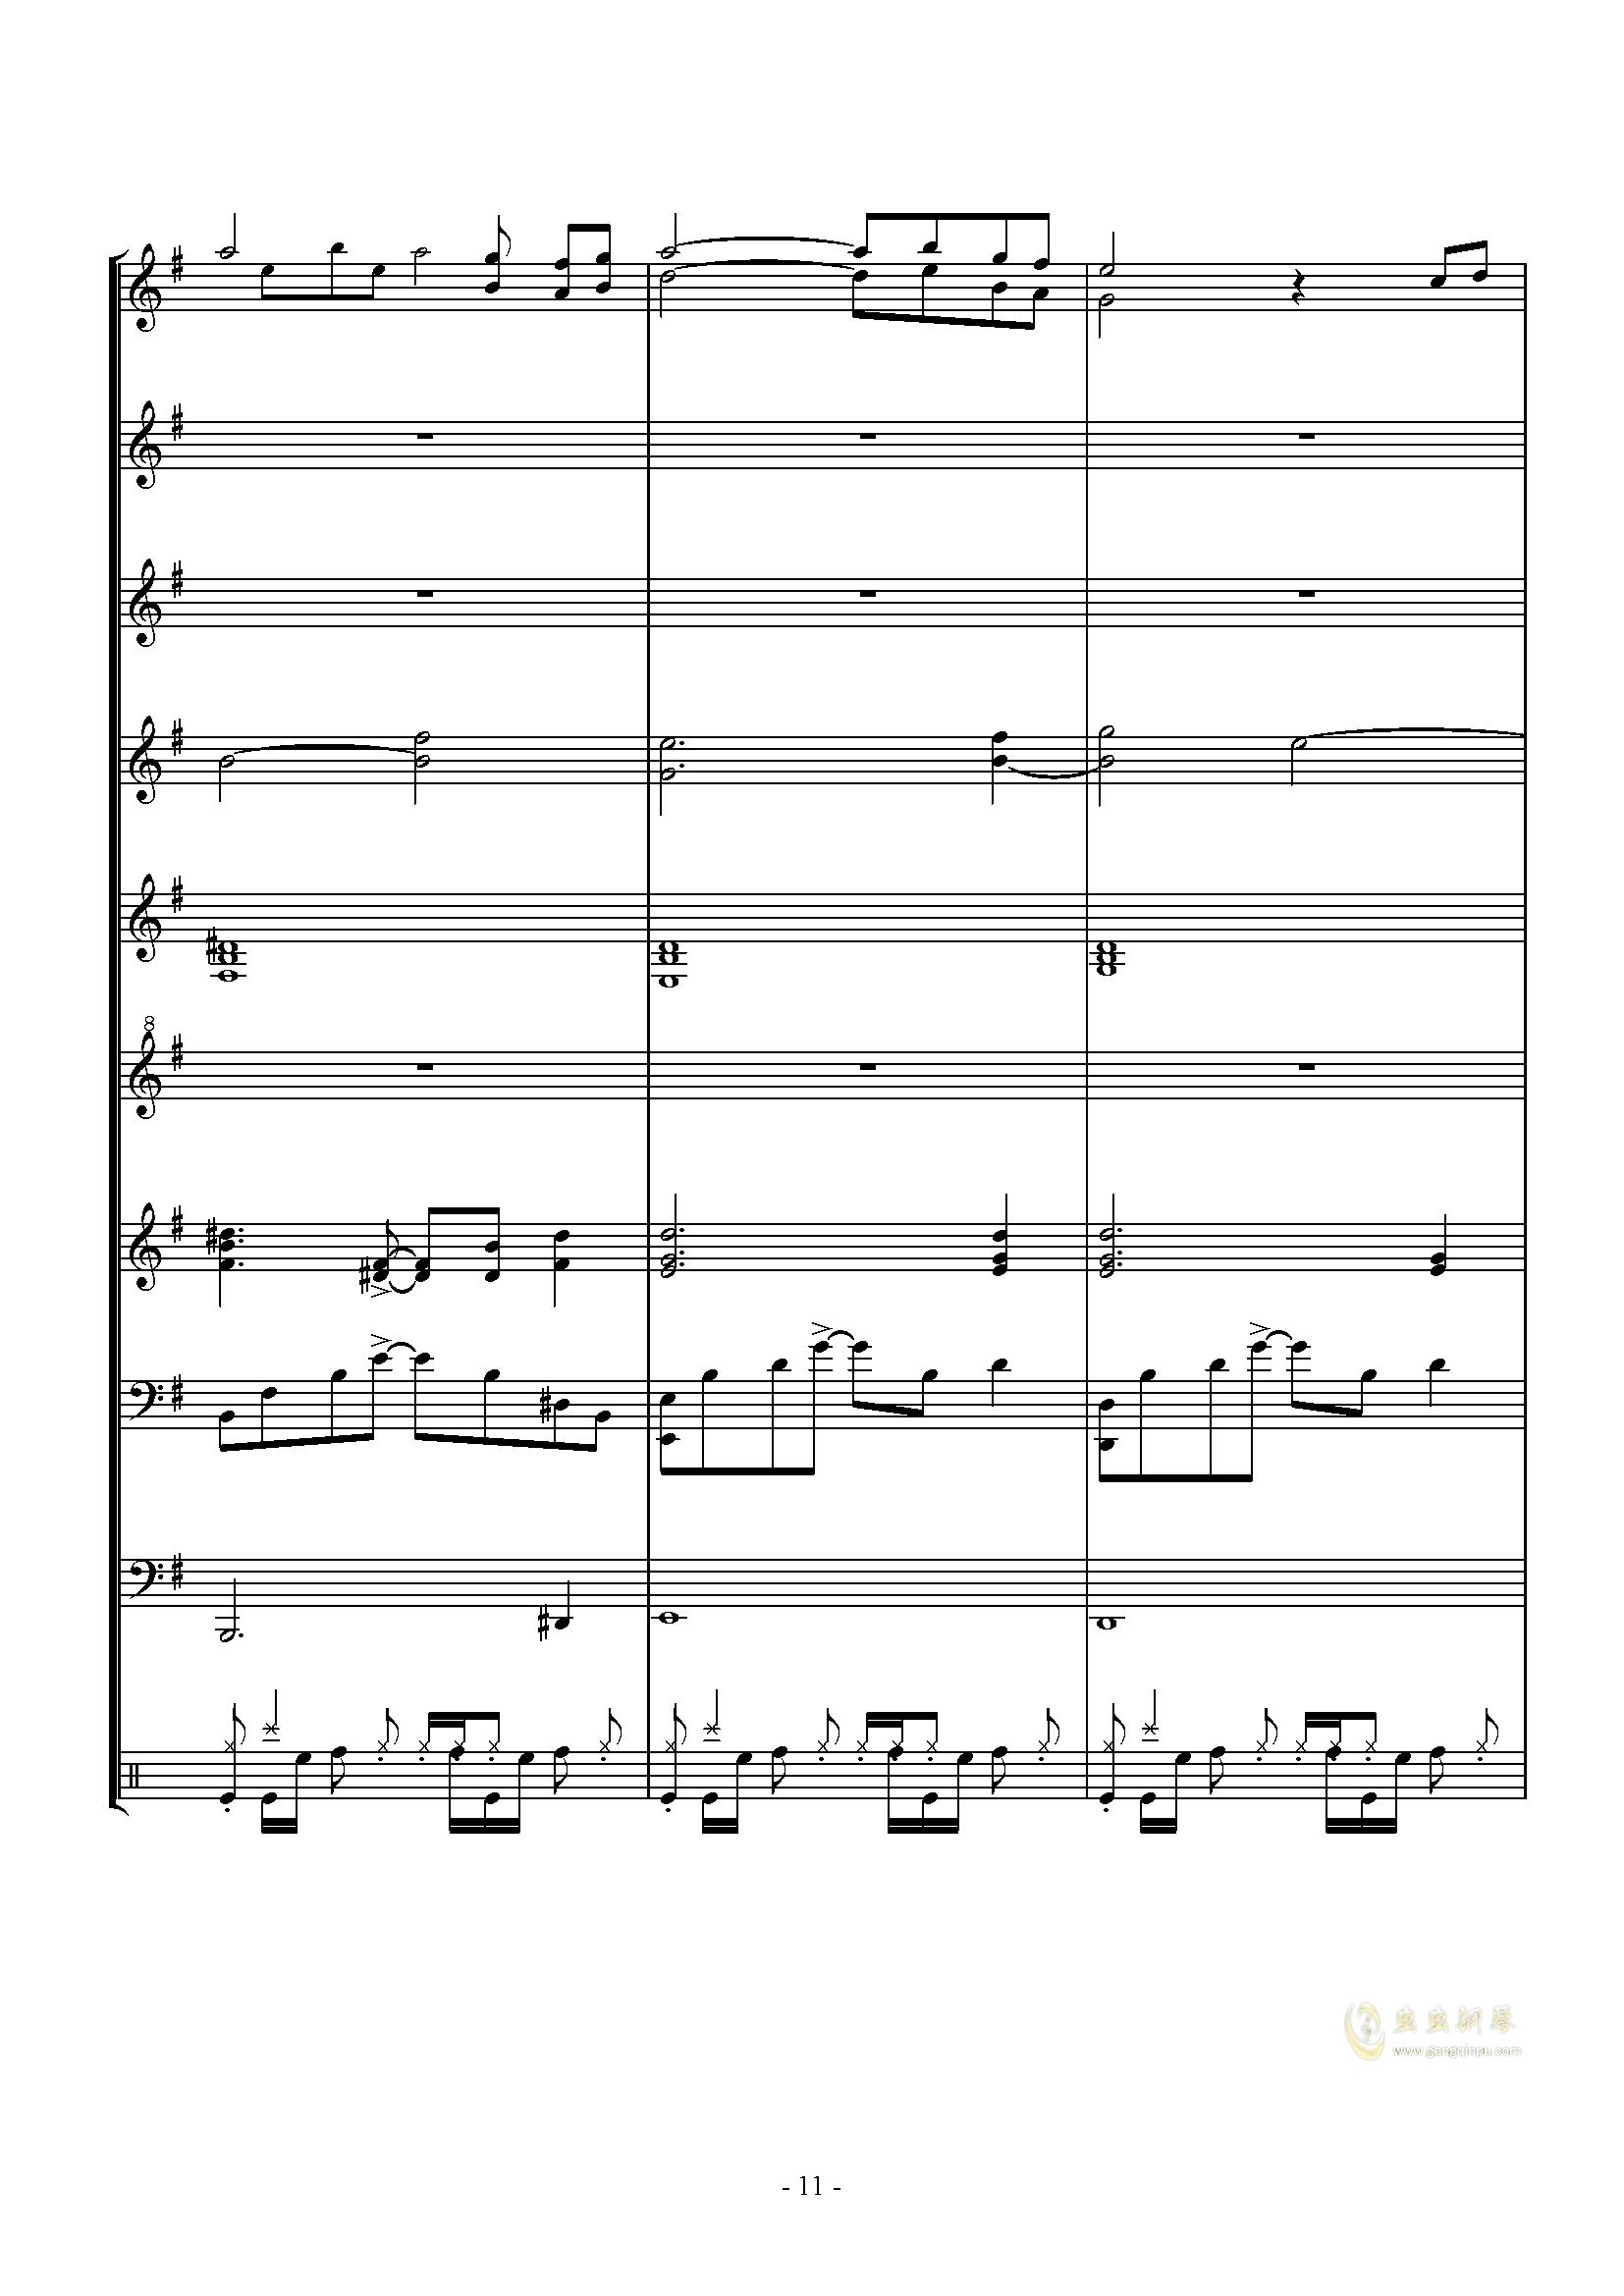 キミガタメ钢琴谱 第11页